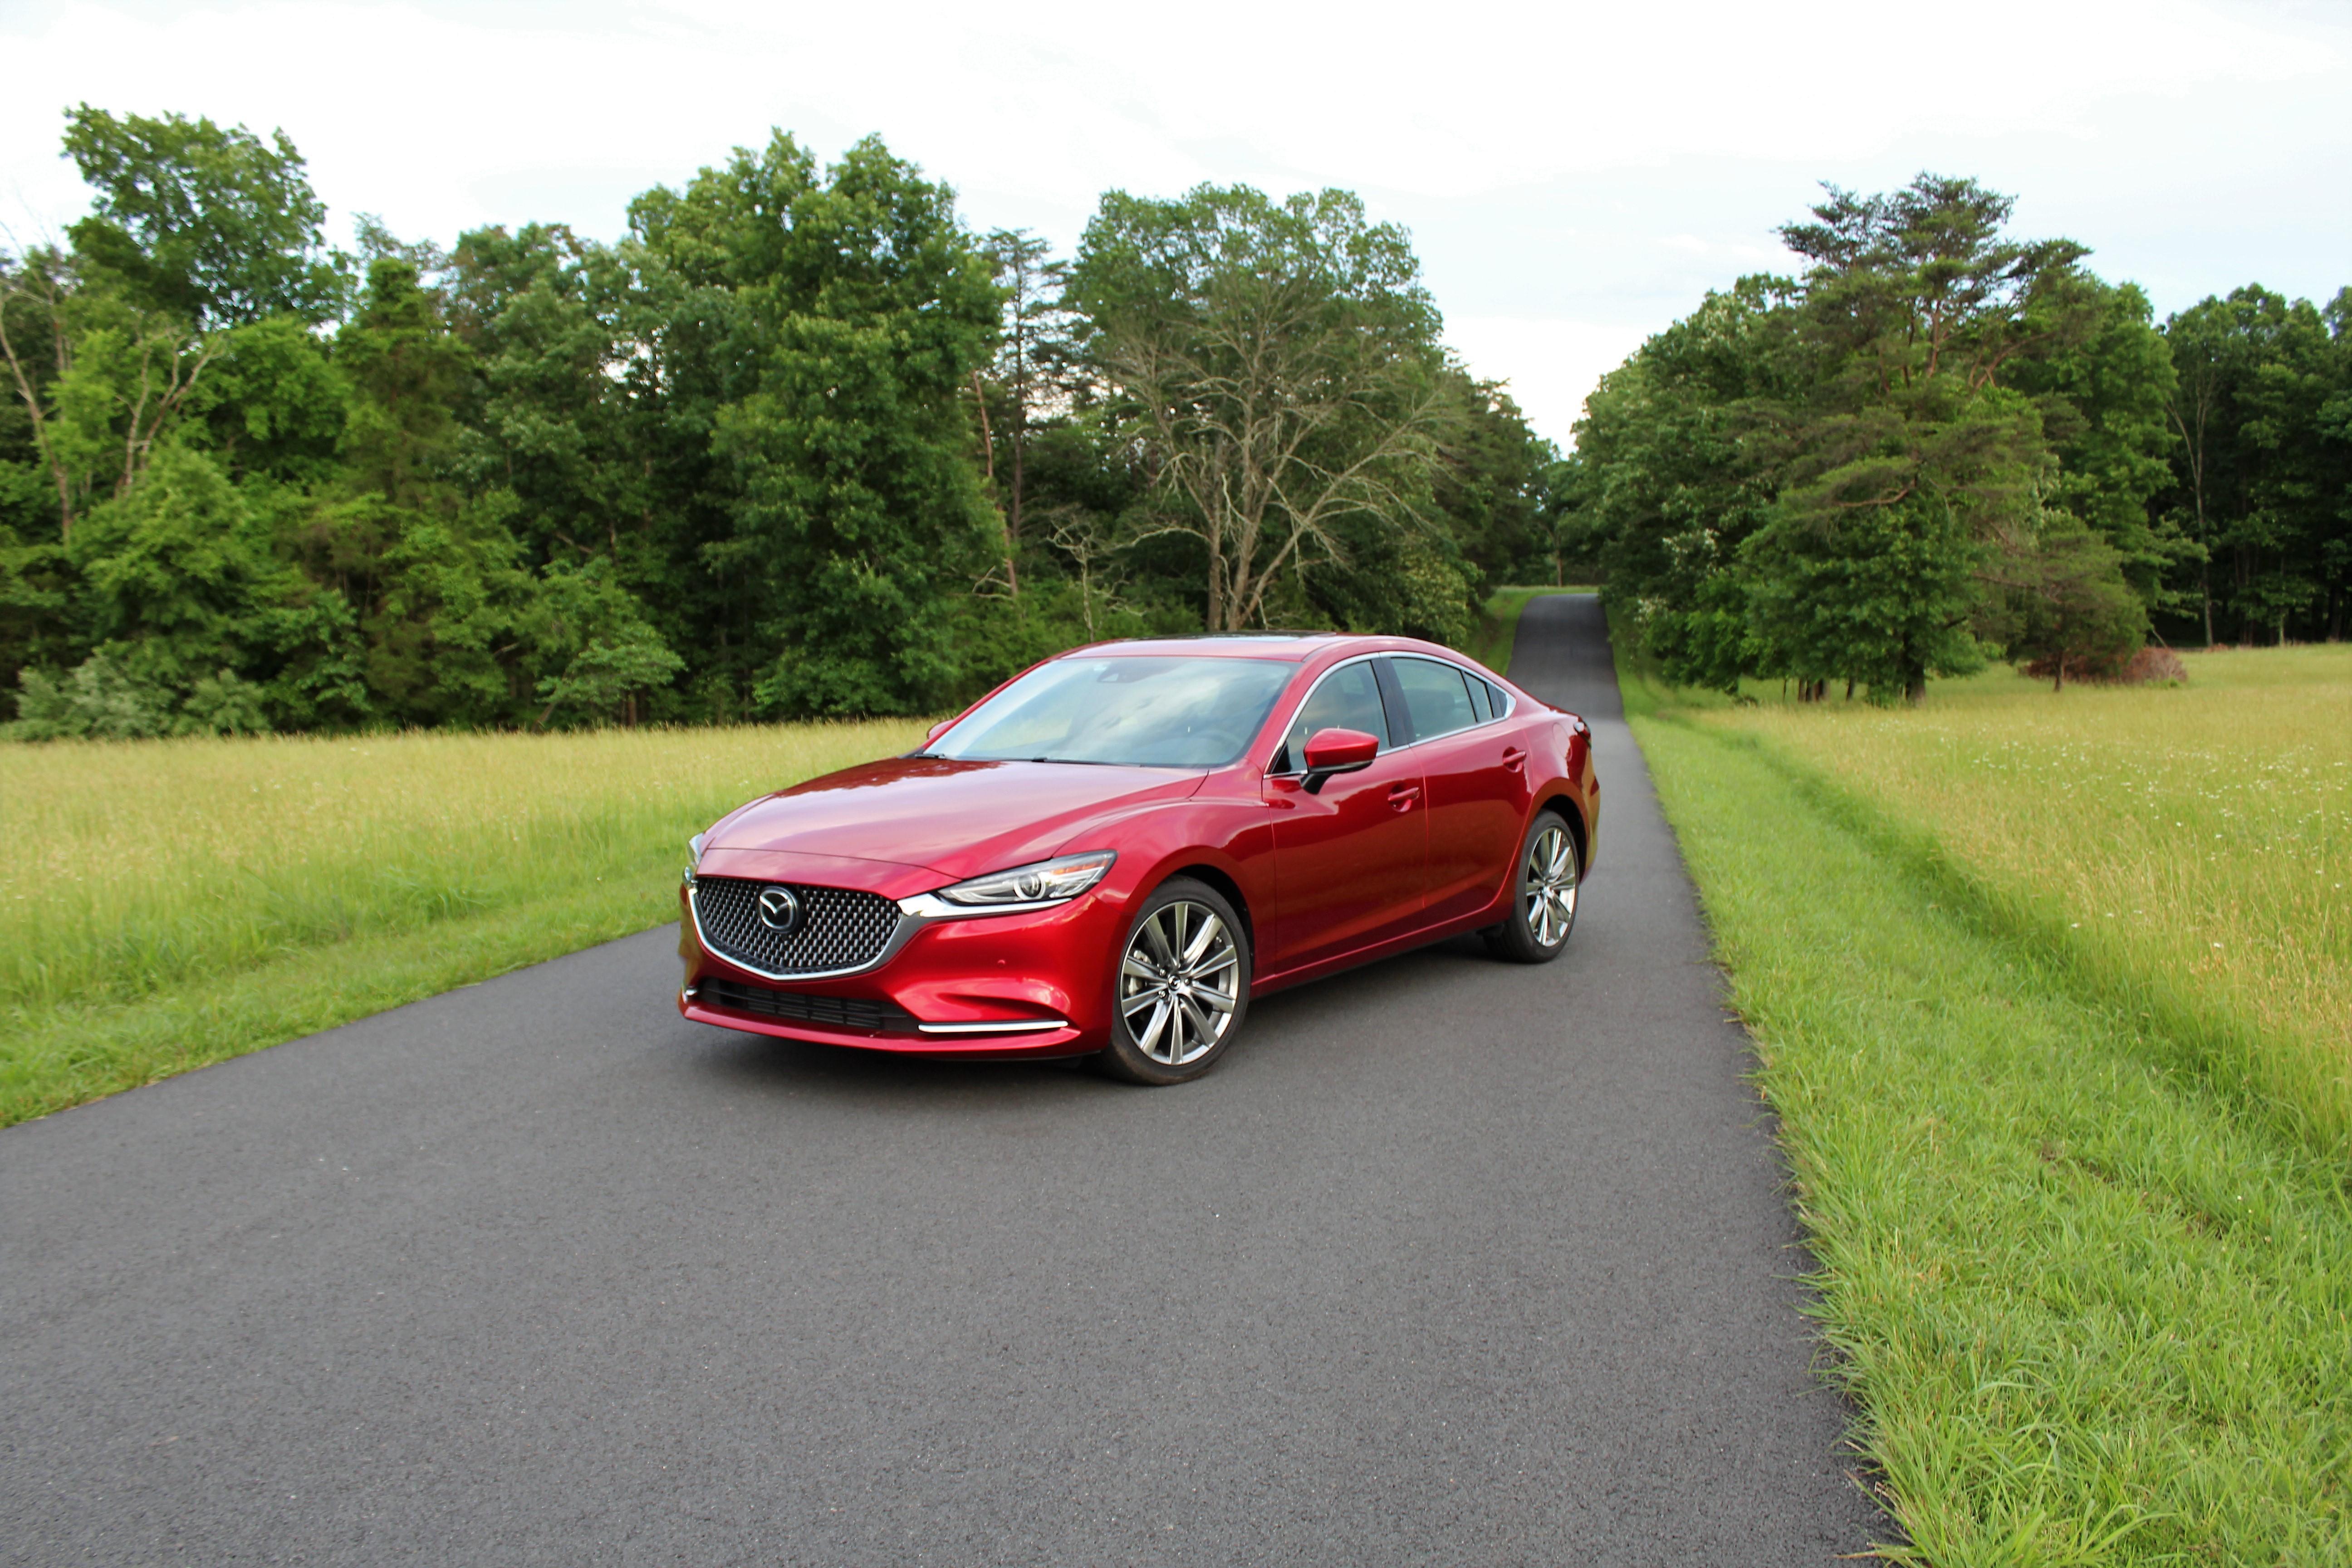 Mazda-6-Frnt-Drvr-Colonial-Roads